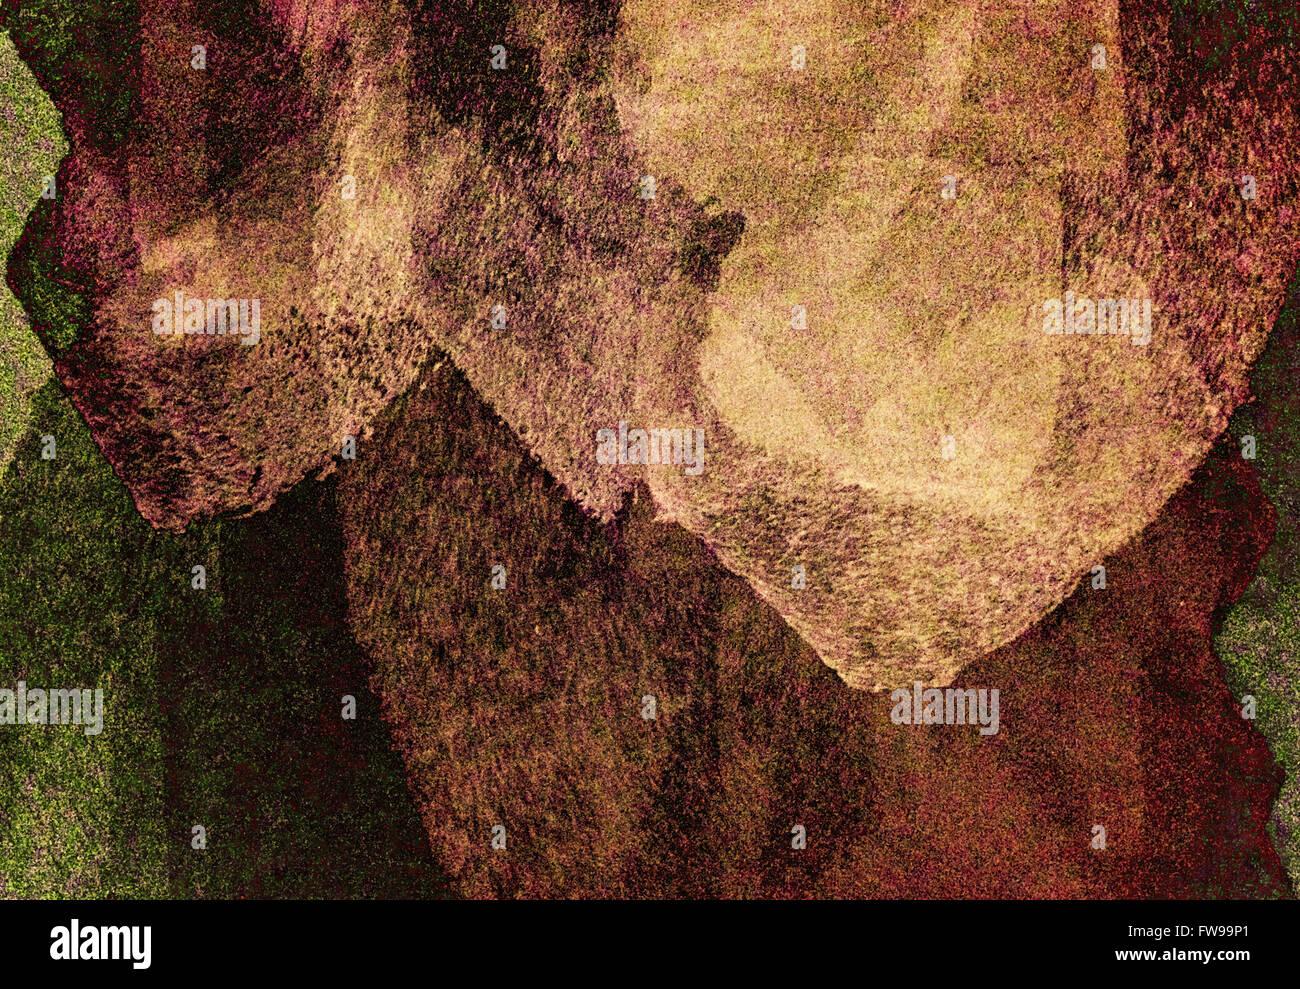 Design graphique abstrait moderne art numérique creative concept Photo Stock